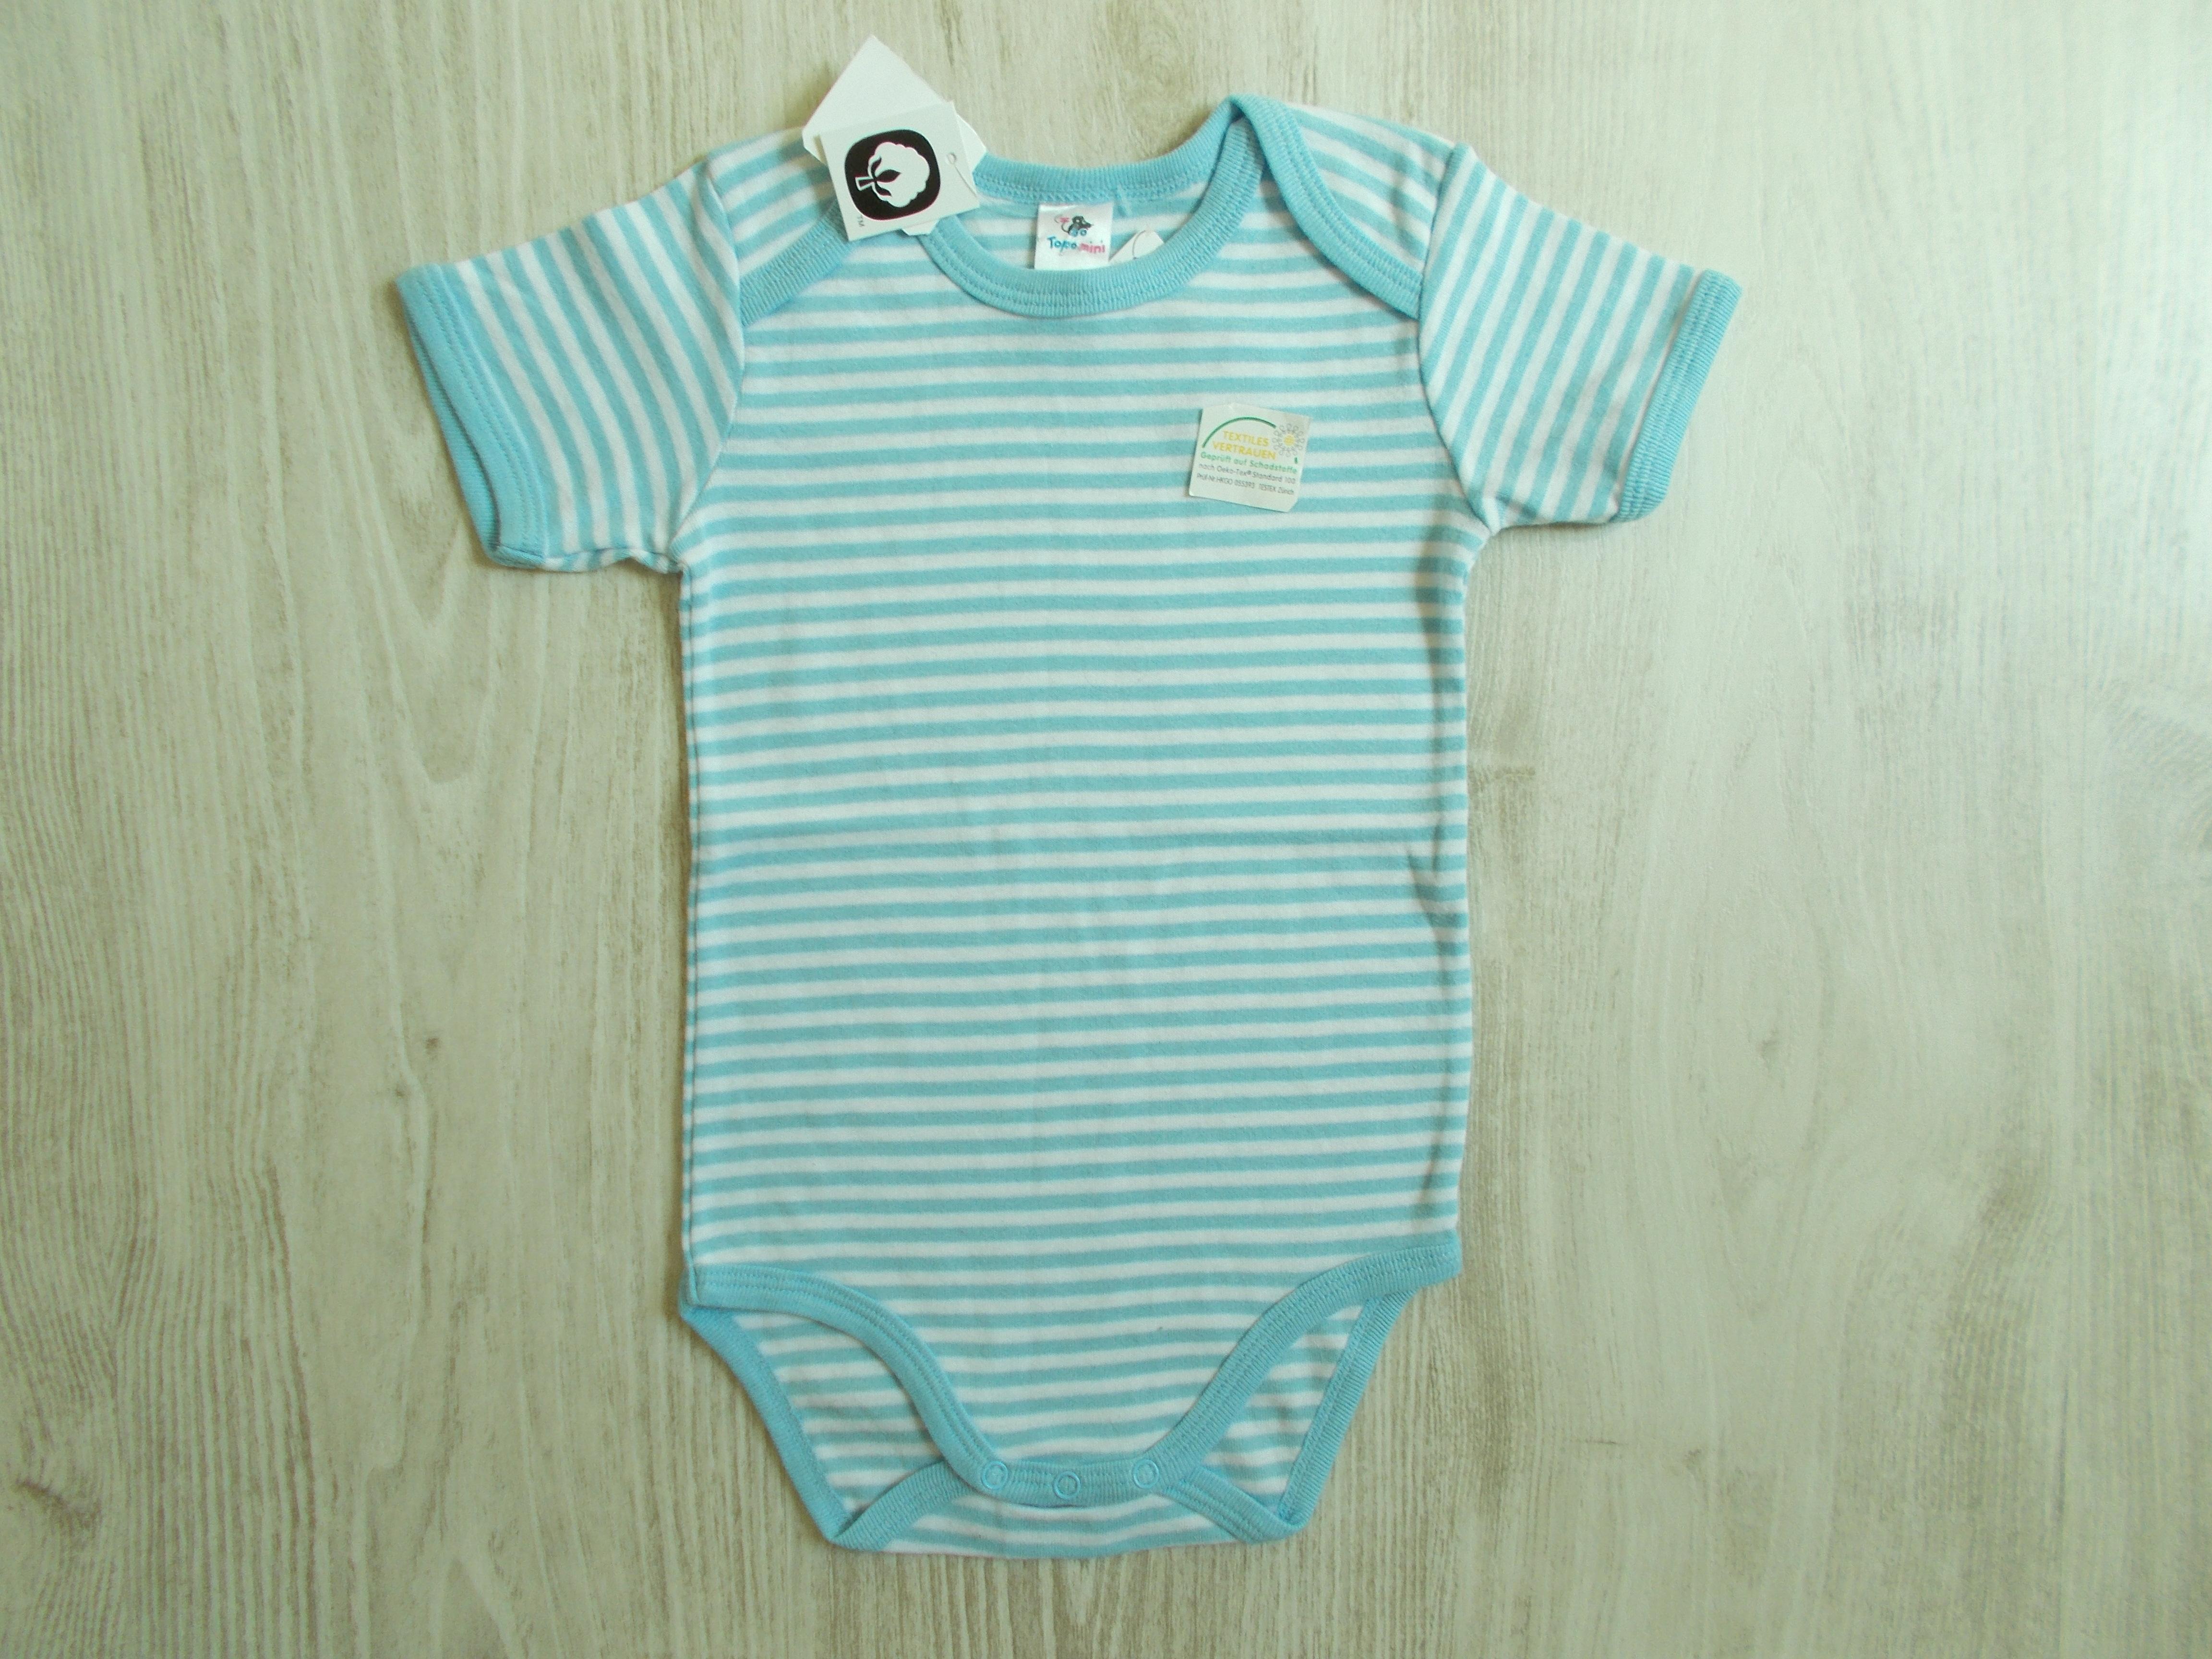 Csíkos body  74 (6-9 hó)   Fiú ruhák     Lótusz Gyerekruha Webshop a0404b7147